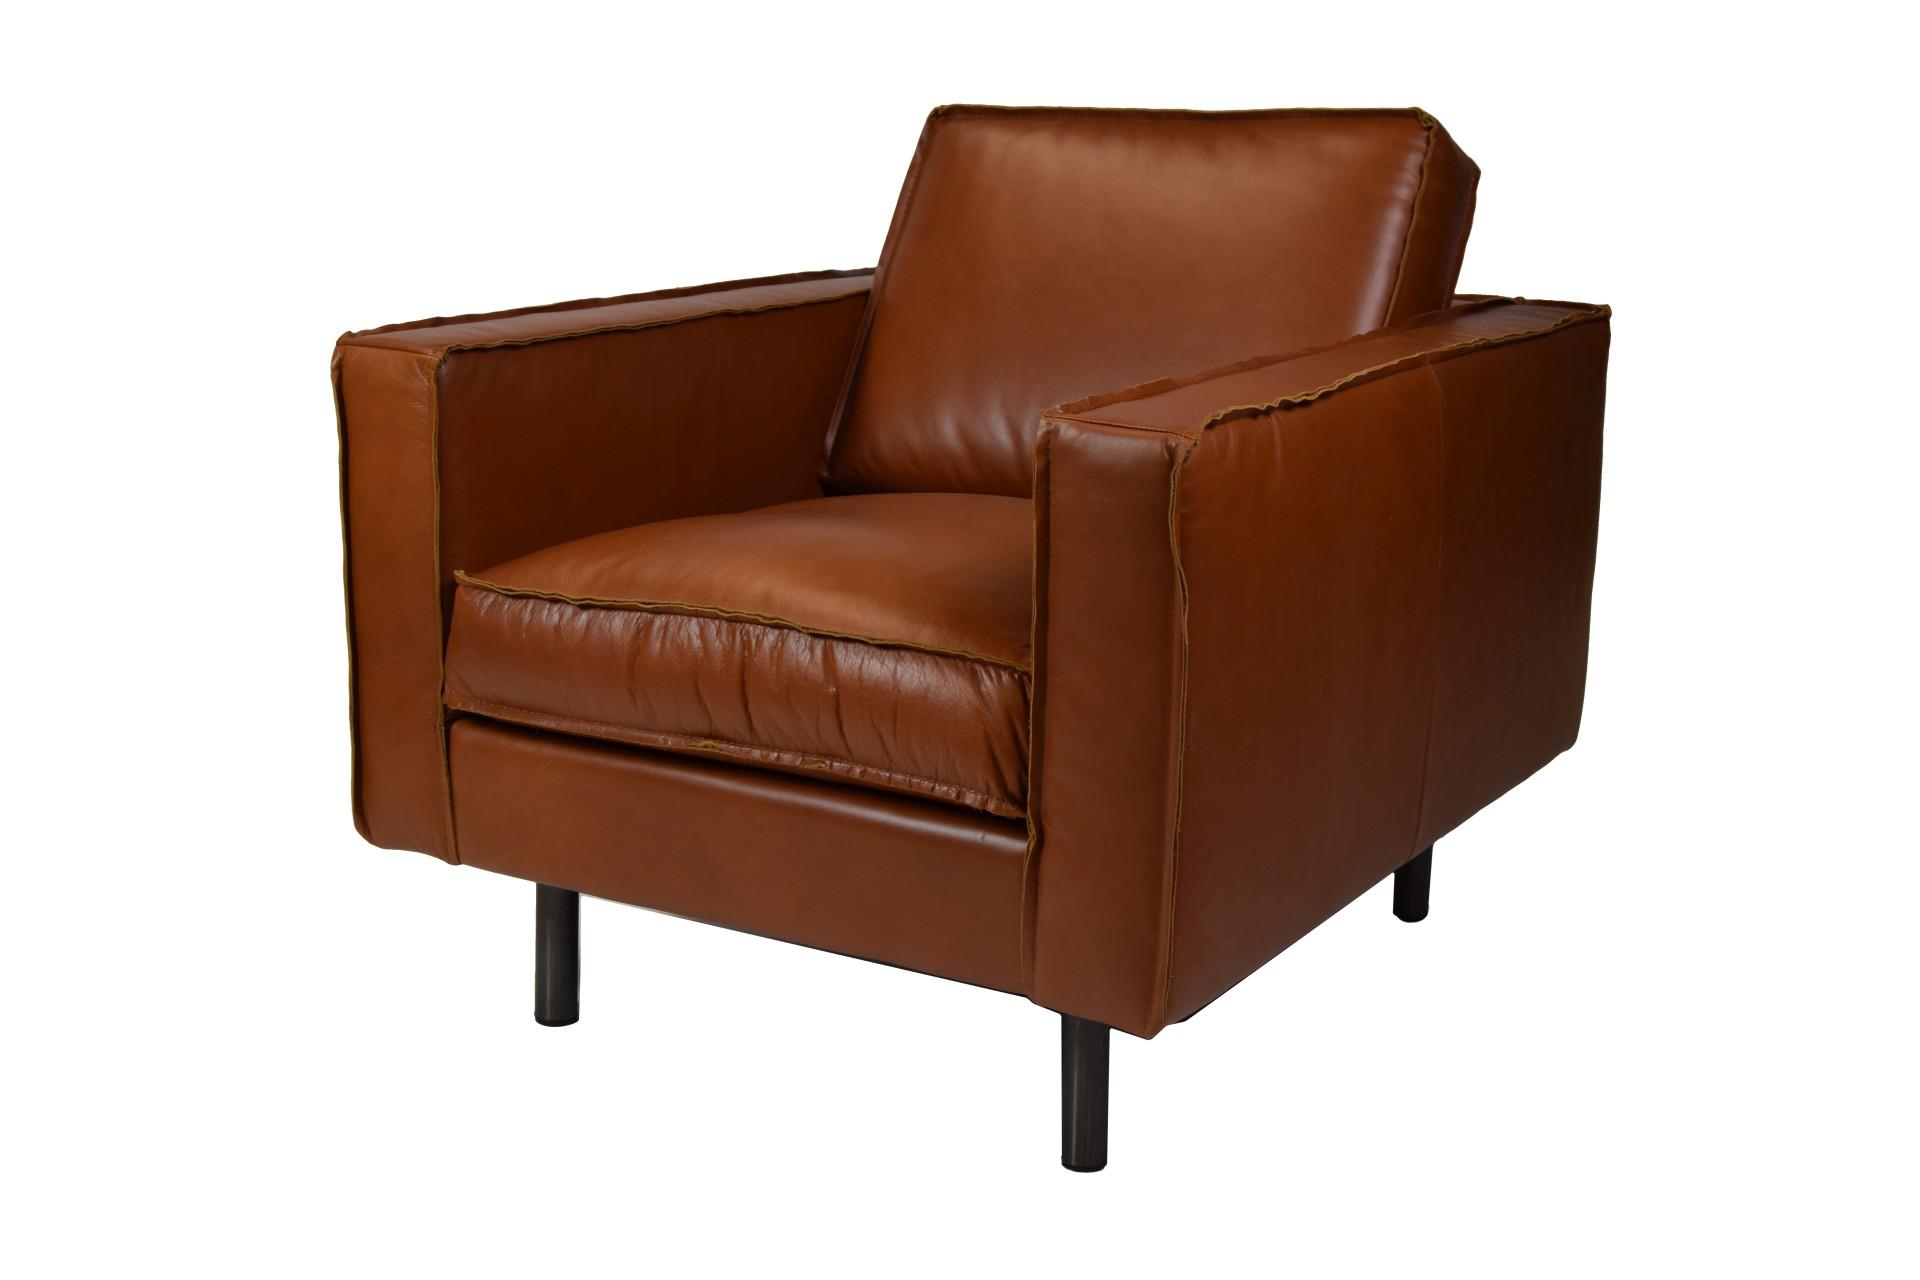 vintage m bel lagerverkauf inspirierendes design f r wohnm bel. Black Bedroom Furniture Sets. Home Design Ideas